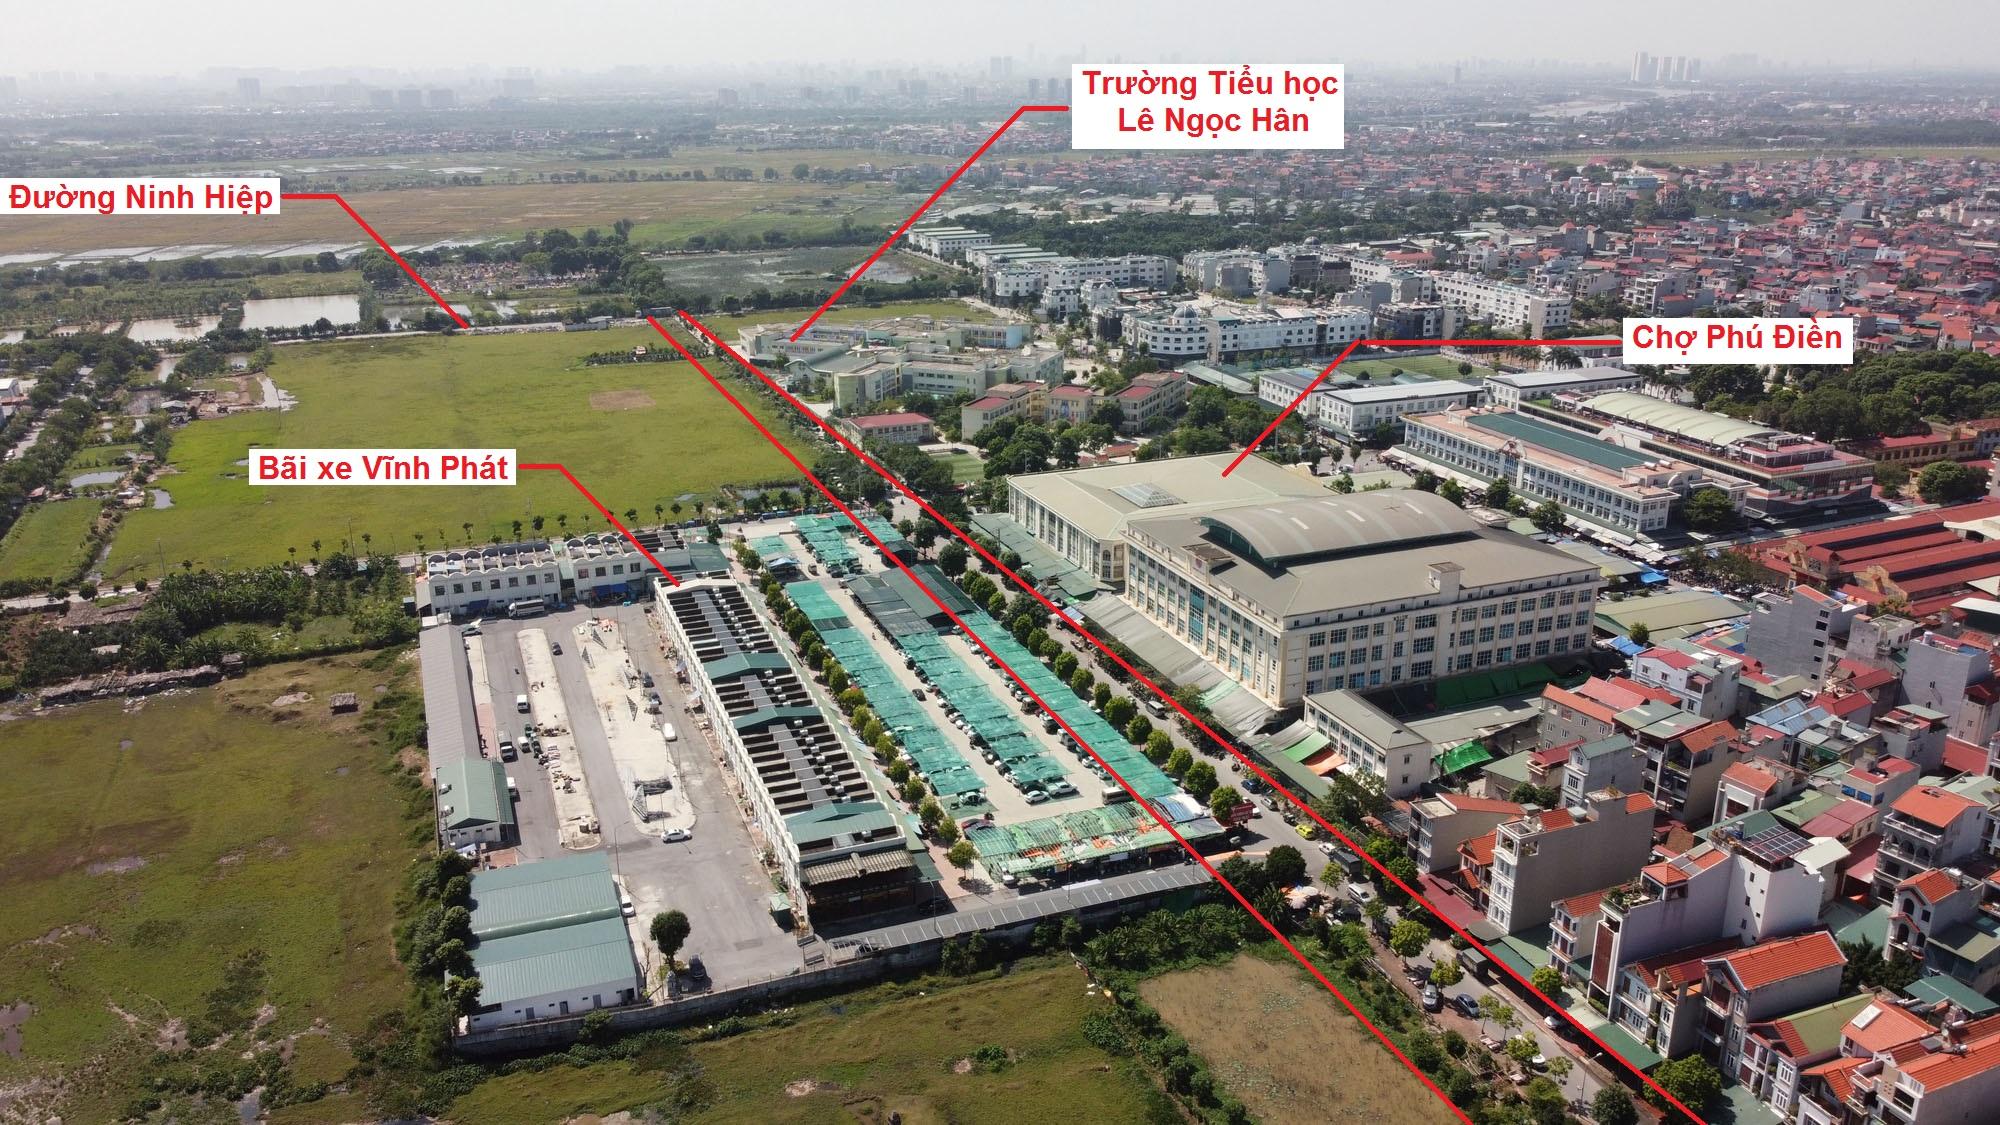 Ba đường sẽ mở theo quy hoạch ở xã Ninh Hiệp, Gia Lâm, Hà Nội - Ảnh 3.